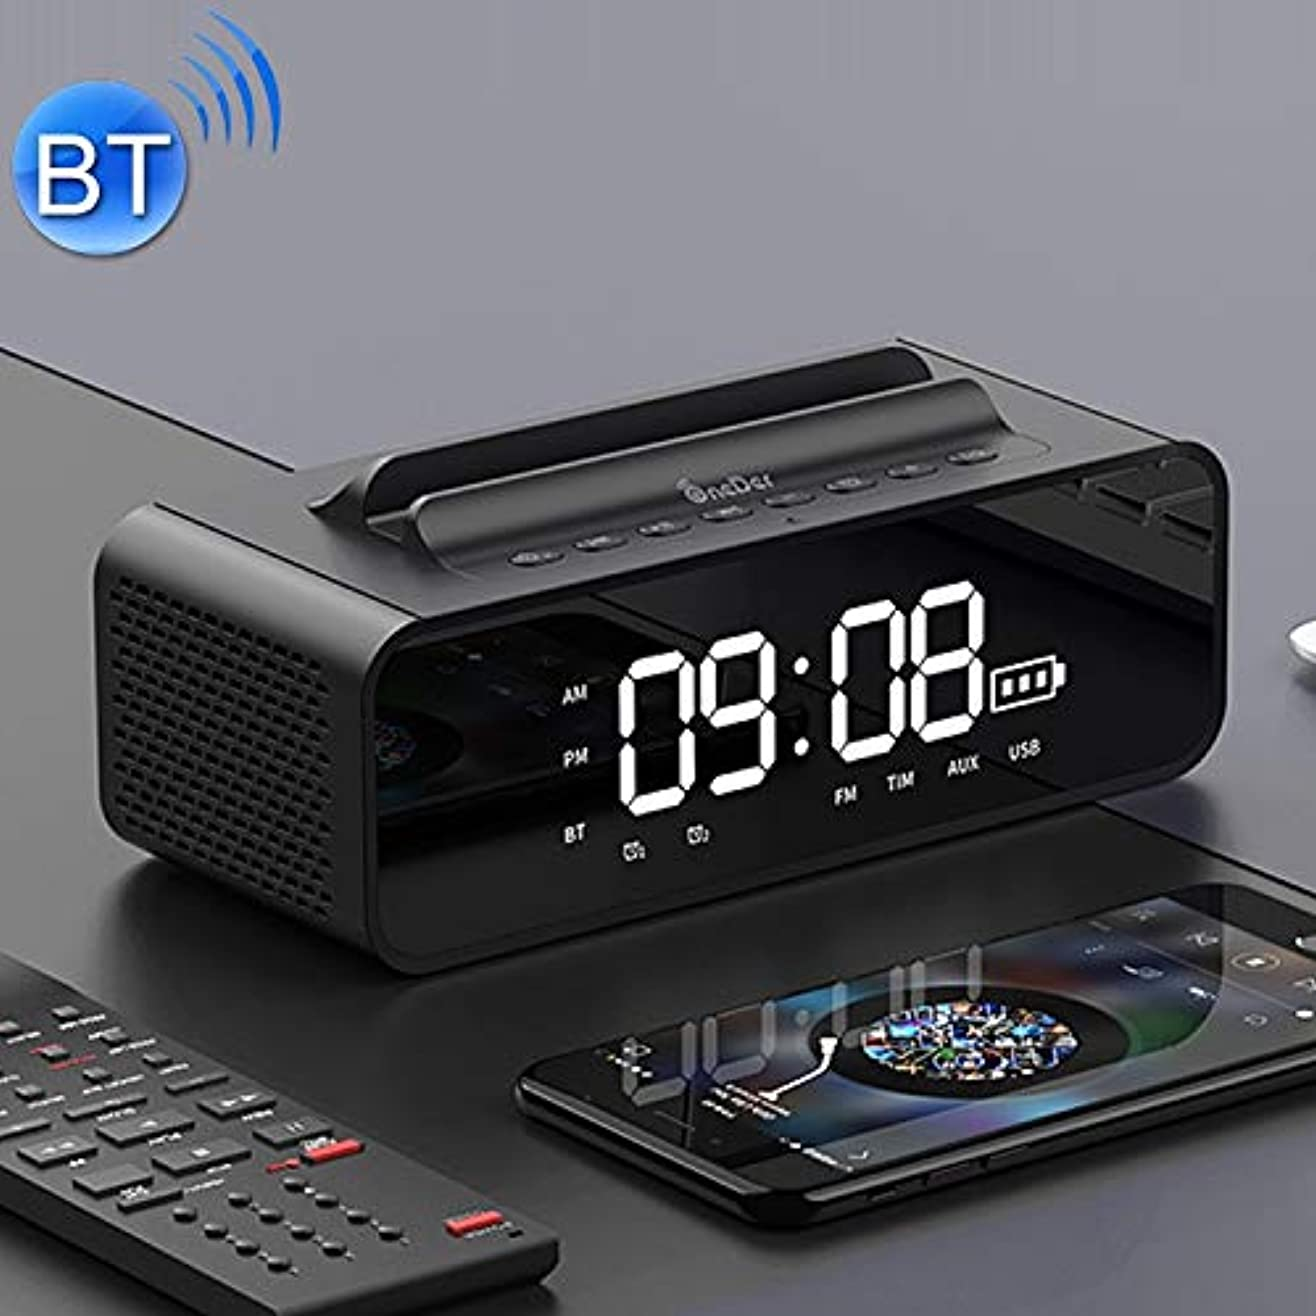 ガイダンス空の聖人Eryanone サポートハンズフリー&FM&TFカード&AUX&USBドライブ(ブラック)新しい、LEDスクリーン?アラーム時計、V06明るいサウンドボックスラジオのBluetoothスピーカー (色 : Black)